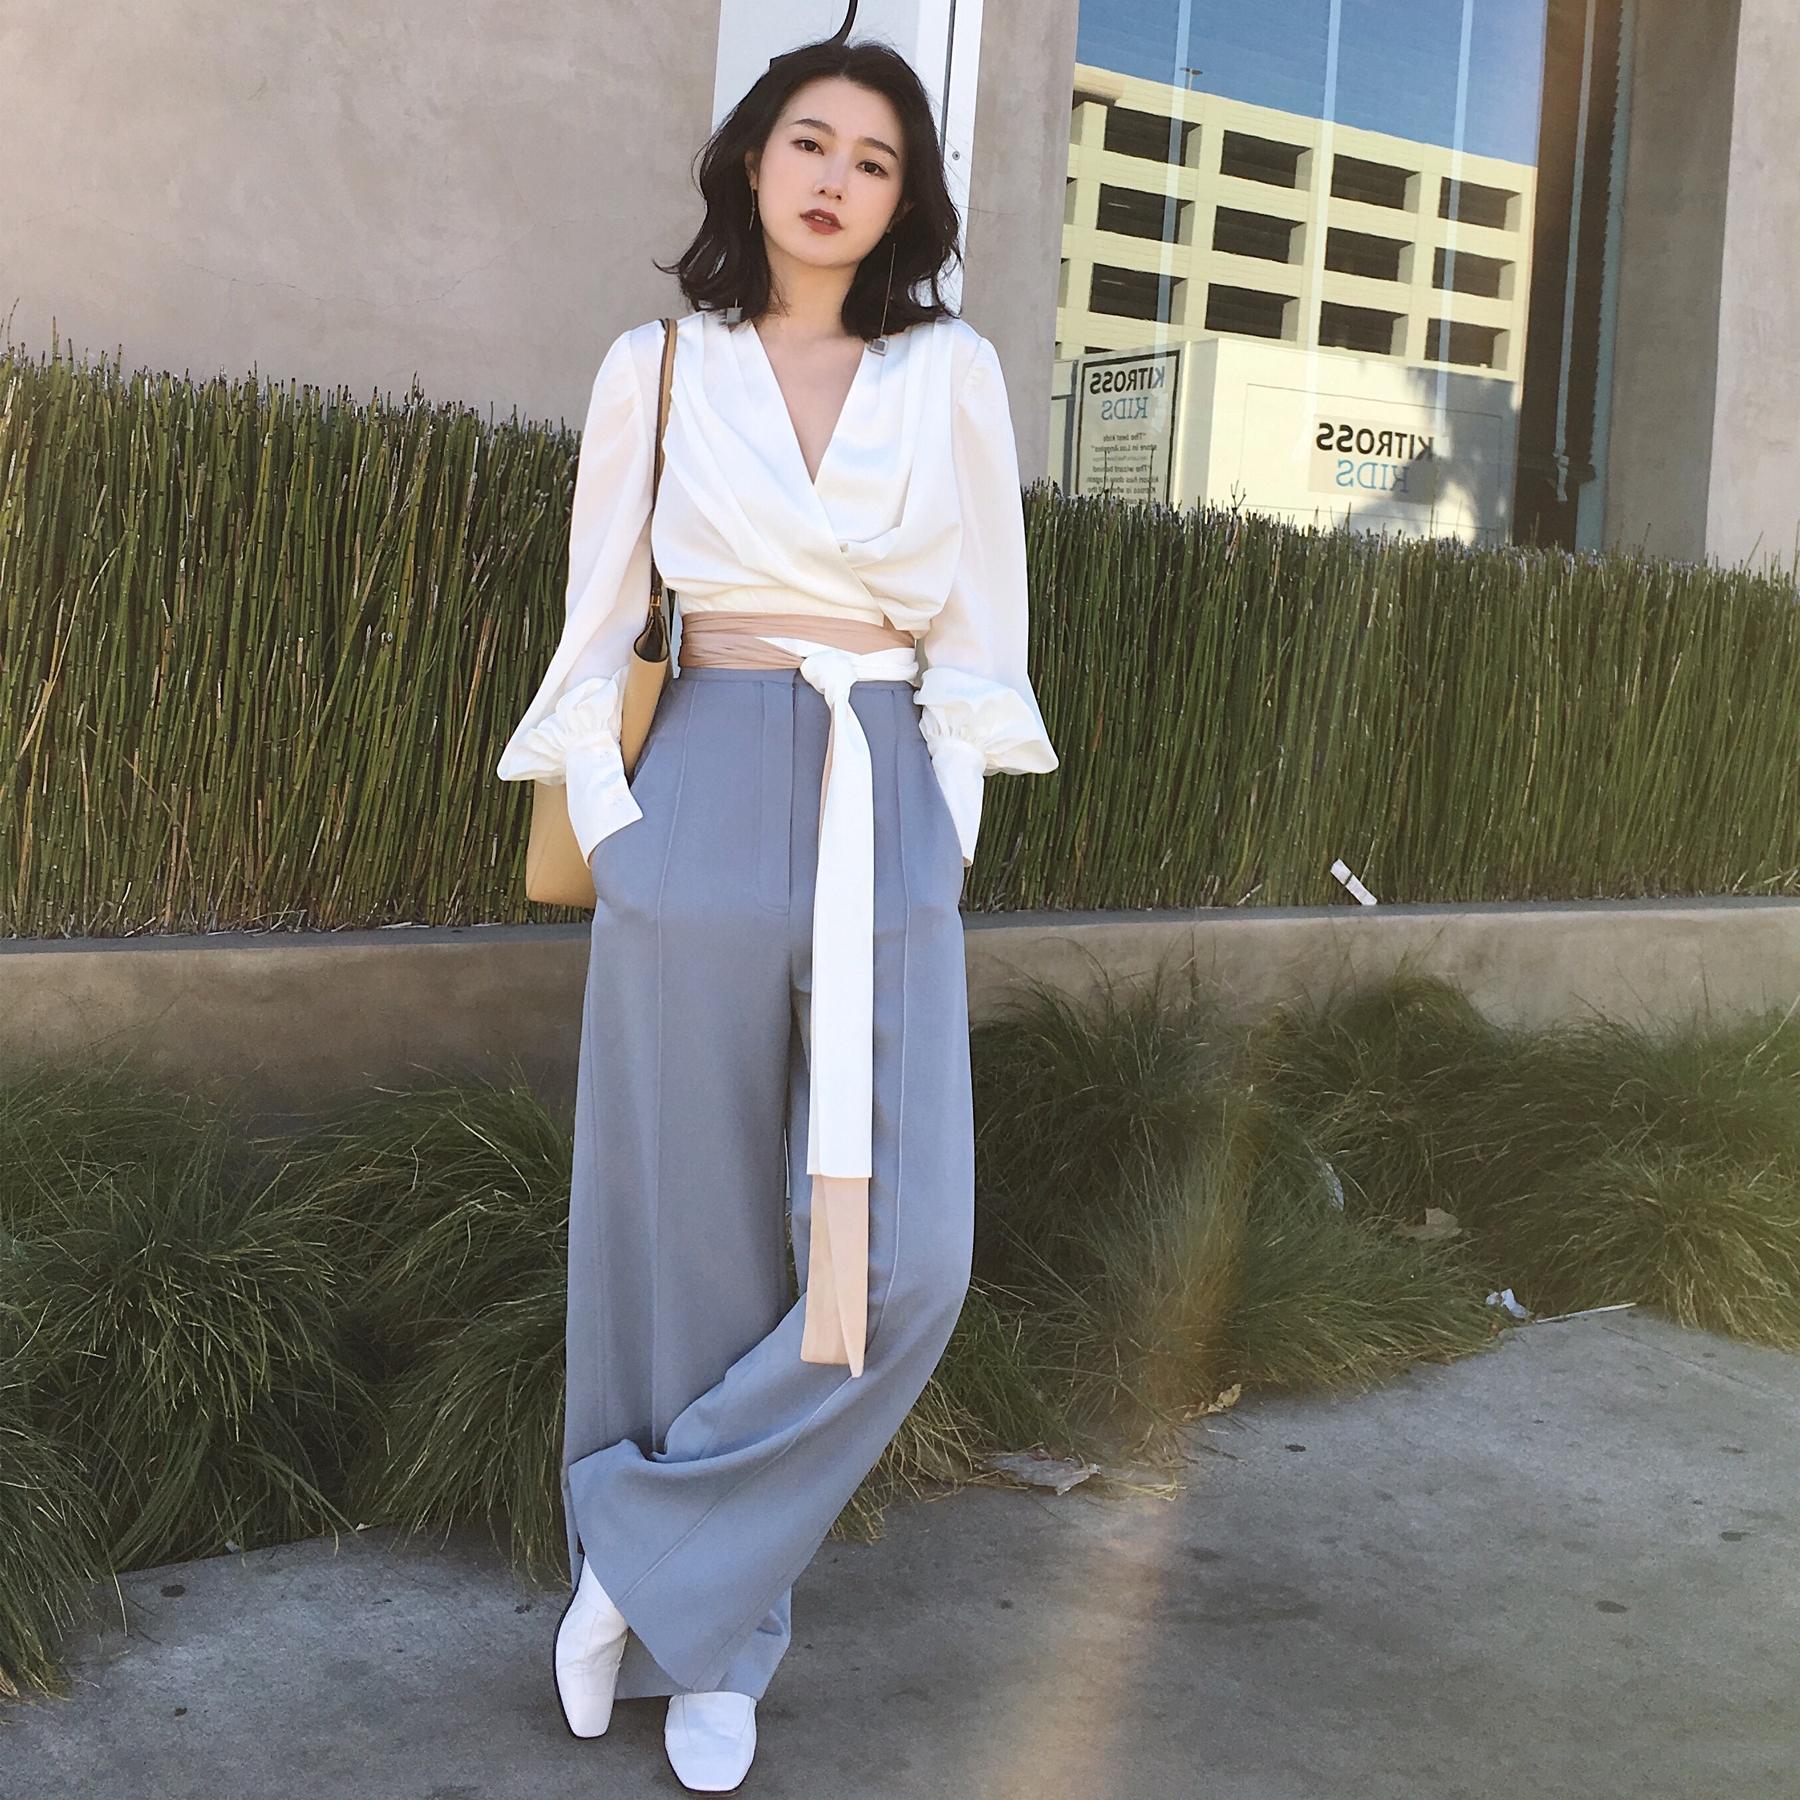 ◆ANNA◆2018春装新款 时髦撞色腰带衬衫V领长袖衬衣时尚女装白色